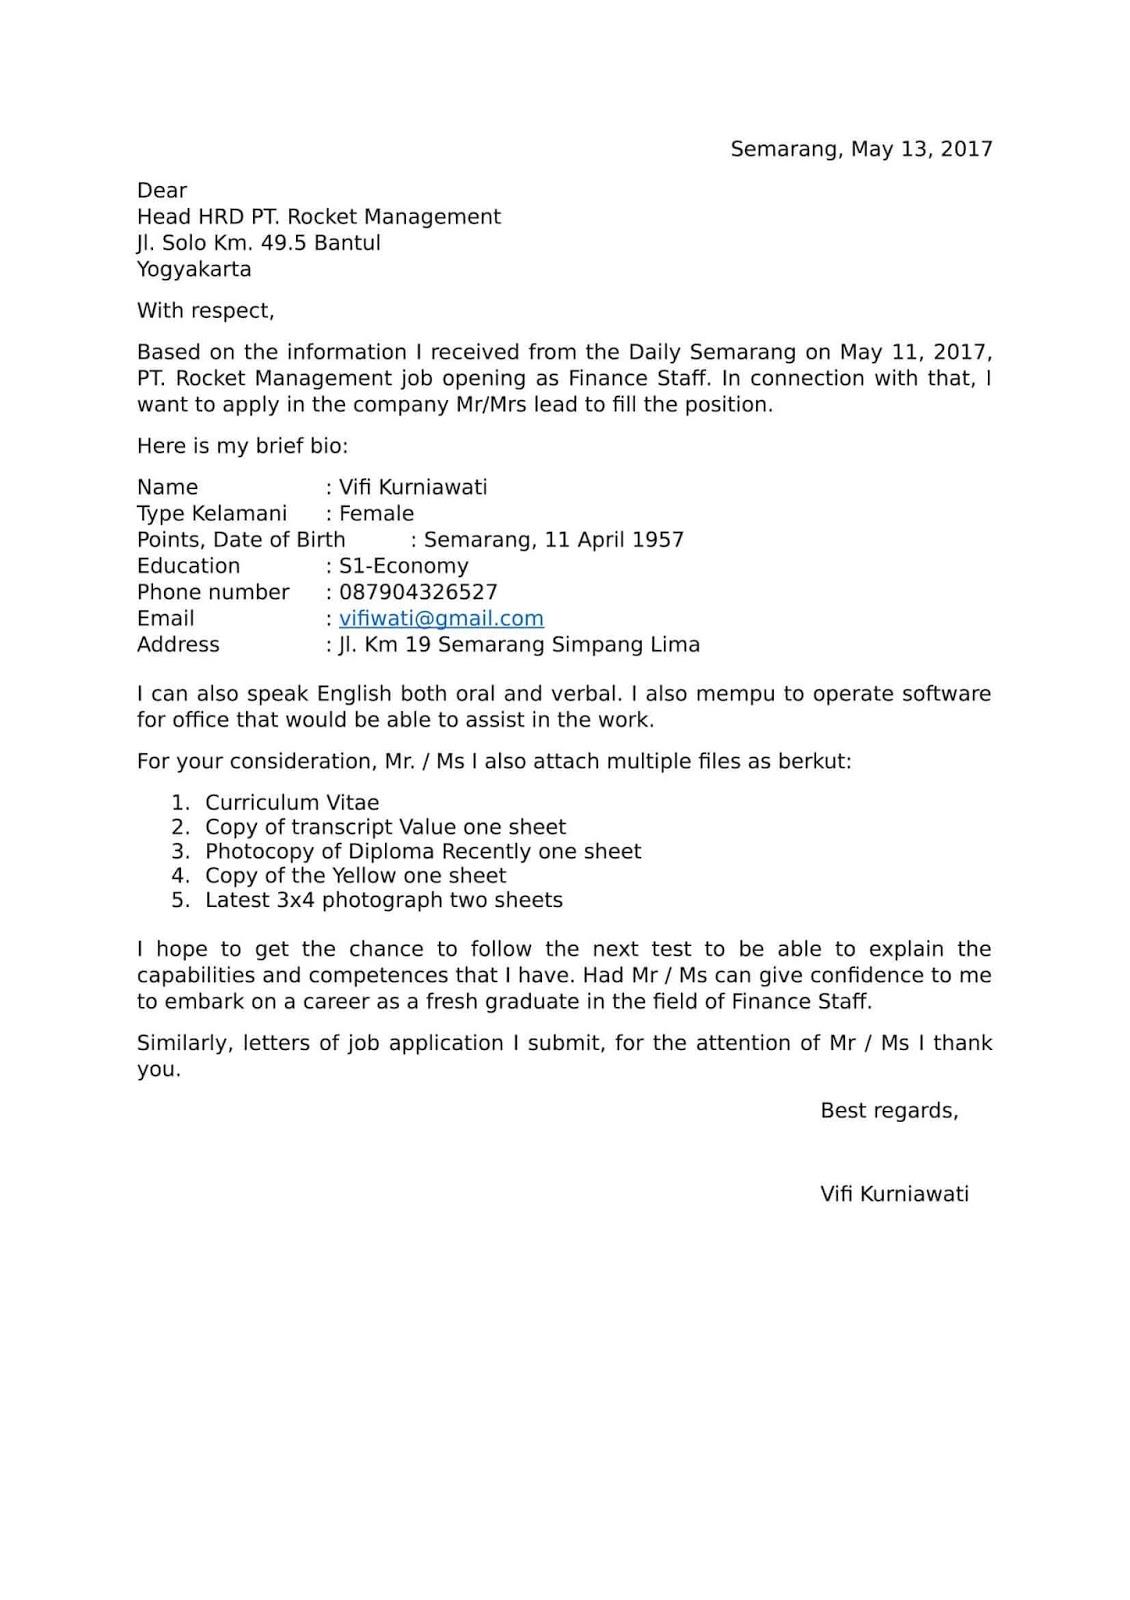 Contoh Surat Lamaran Pekerjaan Dalam Bahasa Inggris Dan Artinya